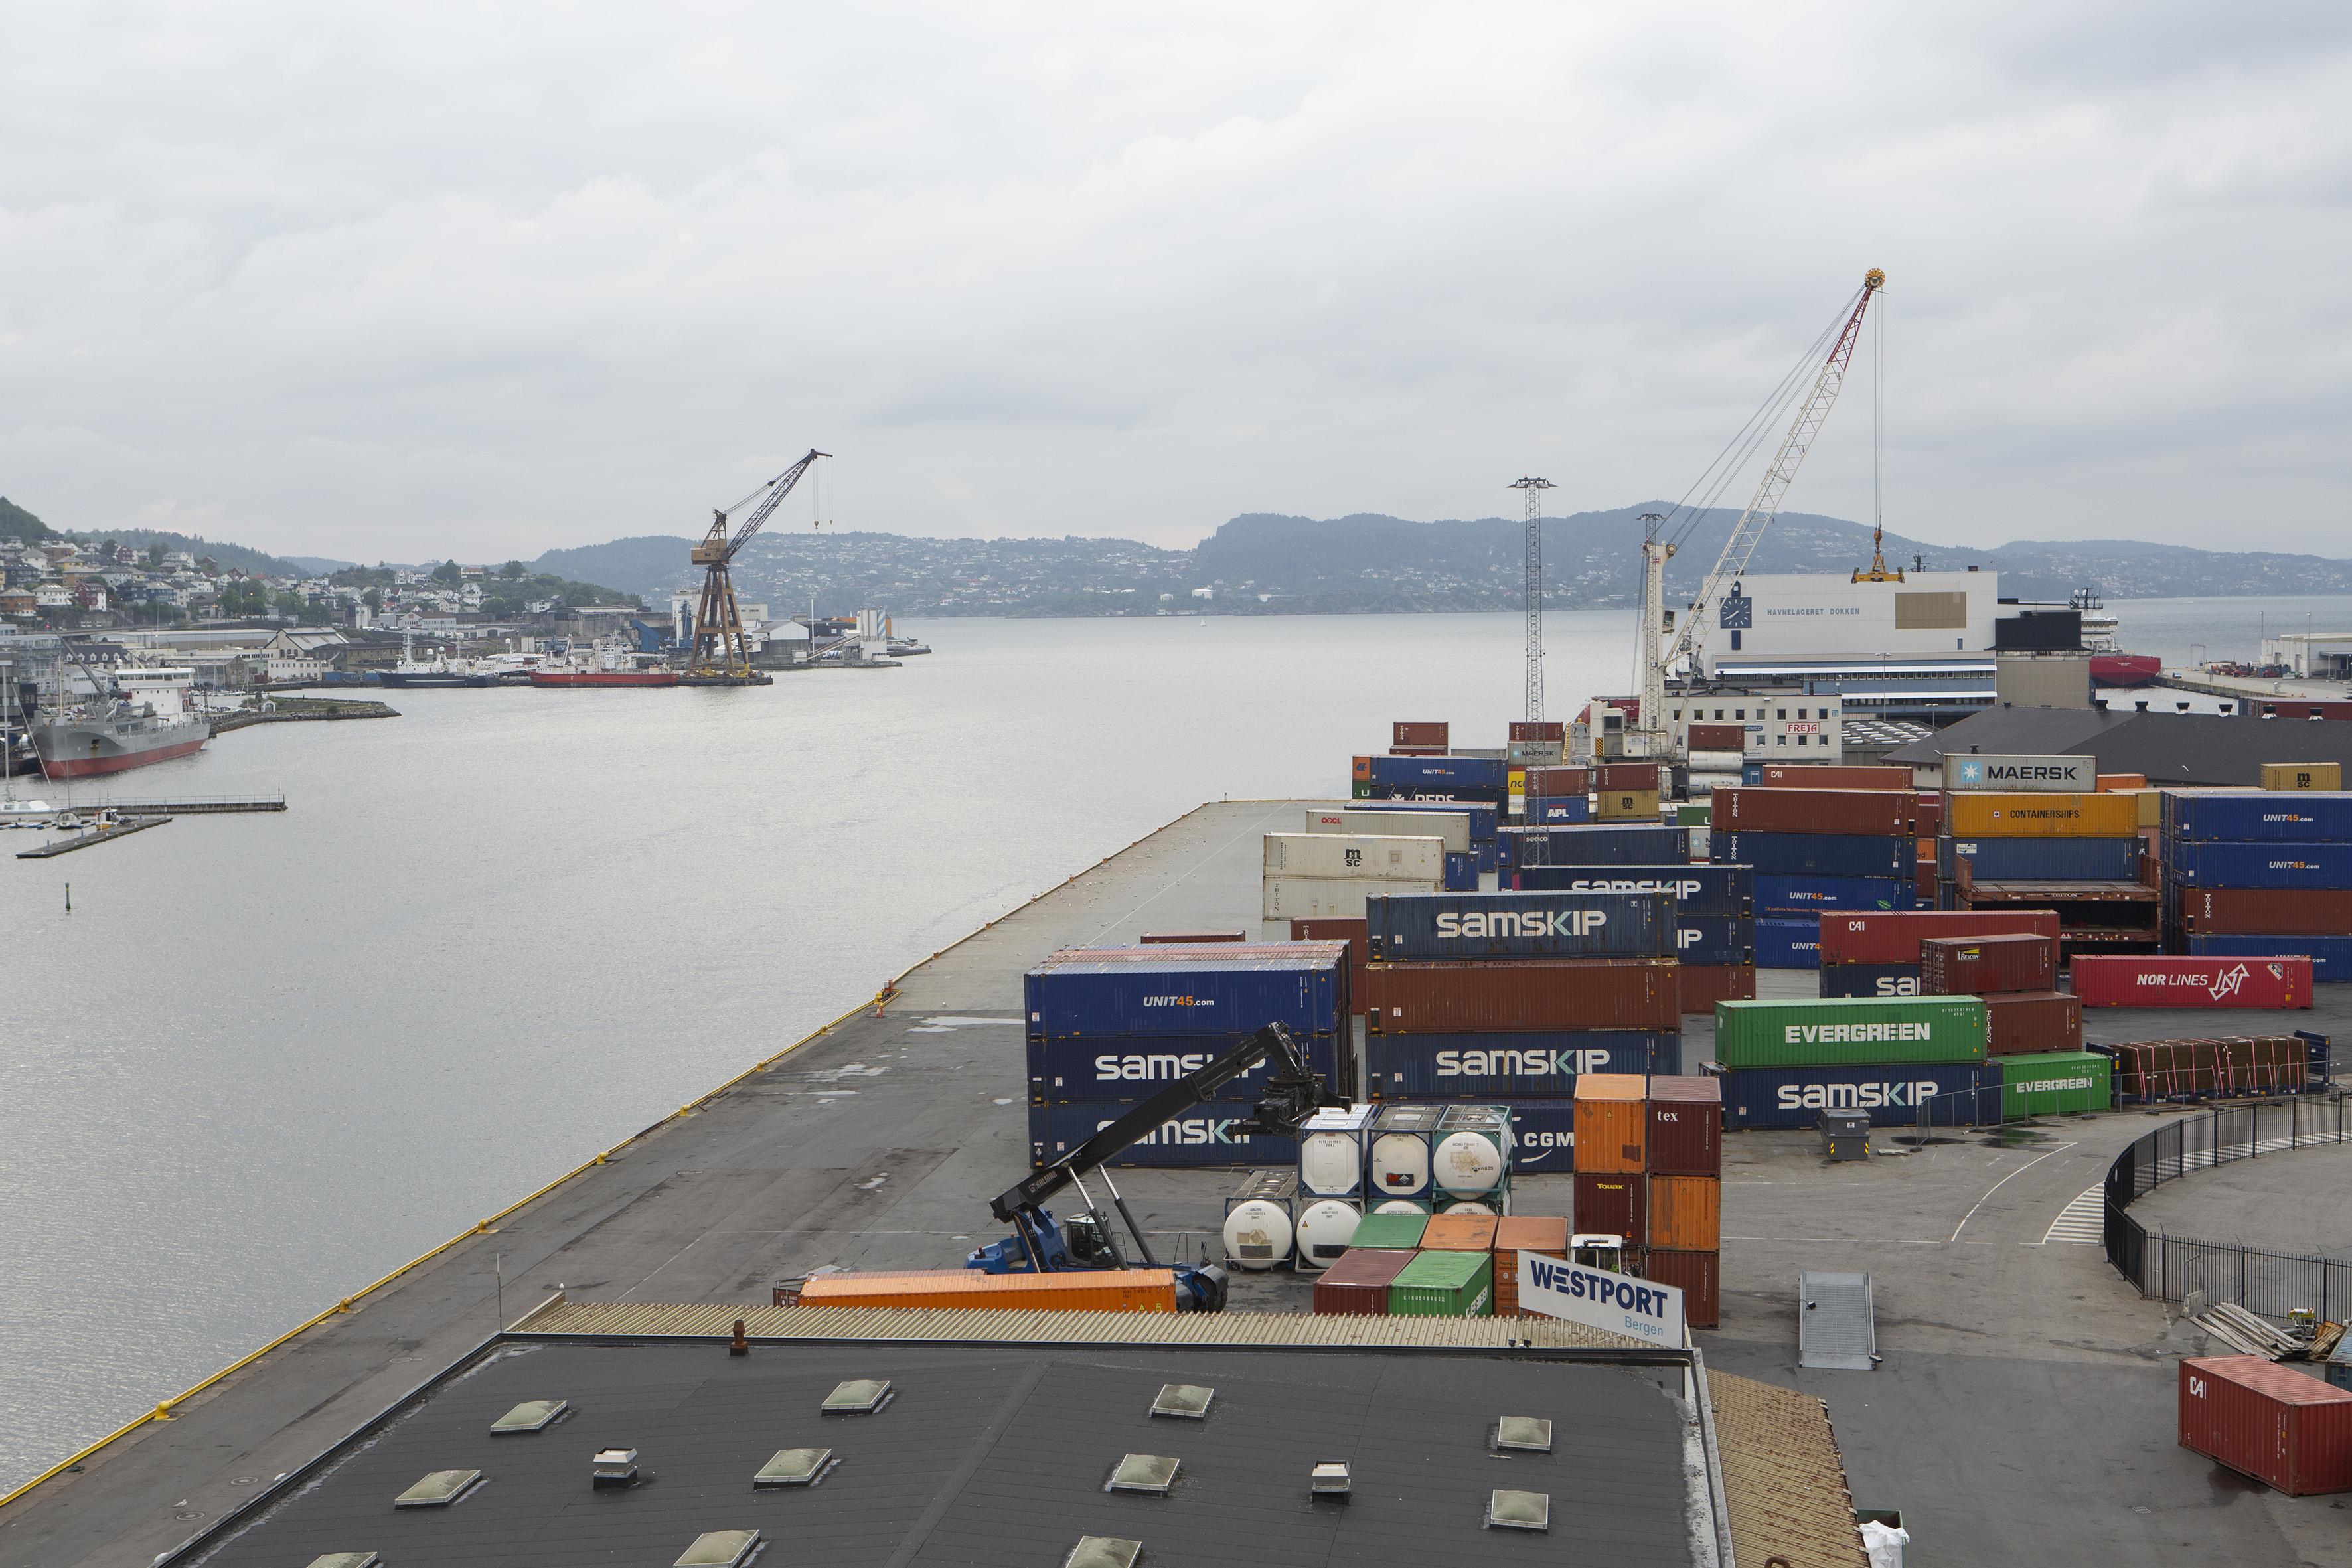 Containerhafen von Bergen. Foto: Giulia Mangione